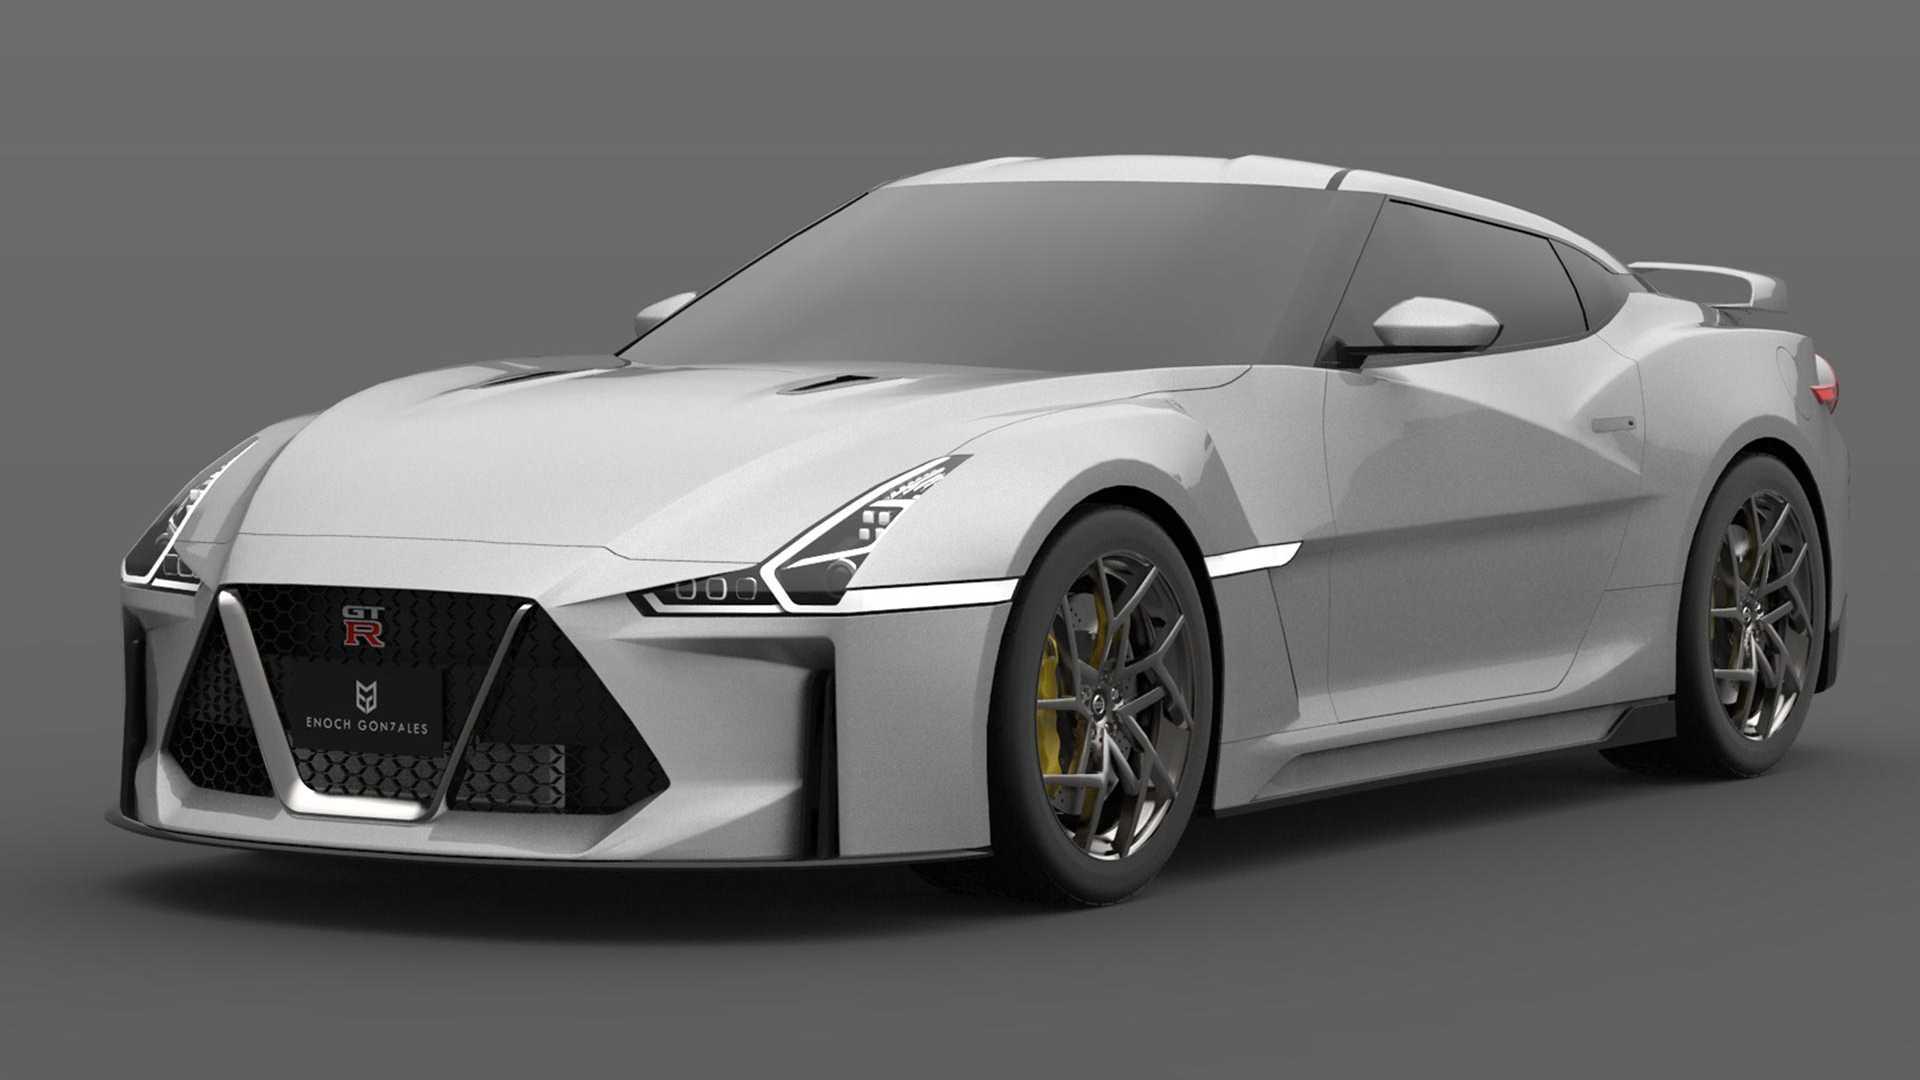 Wordt dit de nieuwe Nissan GT-R? | Hartvoorautos.nl